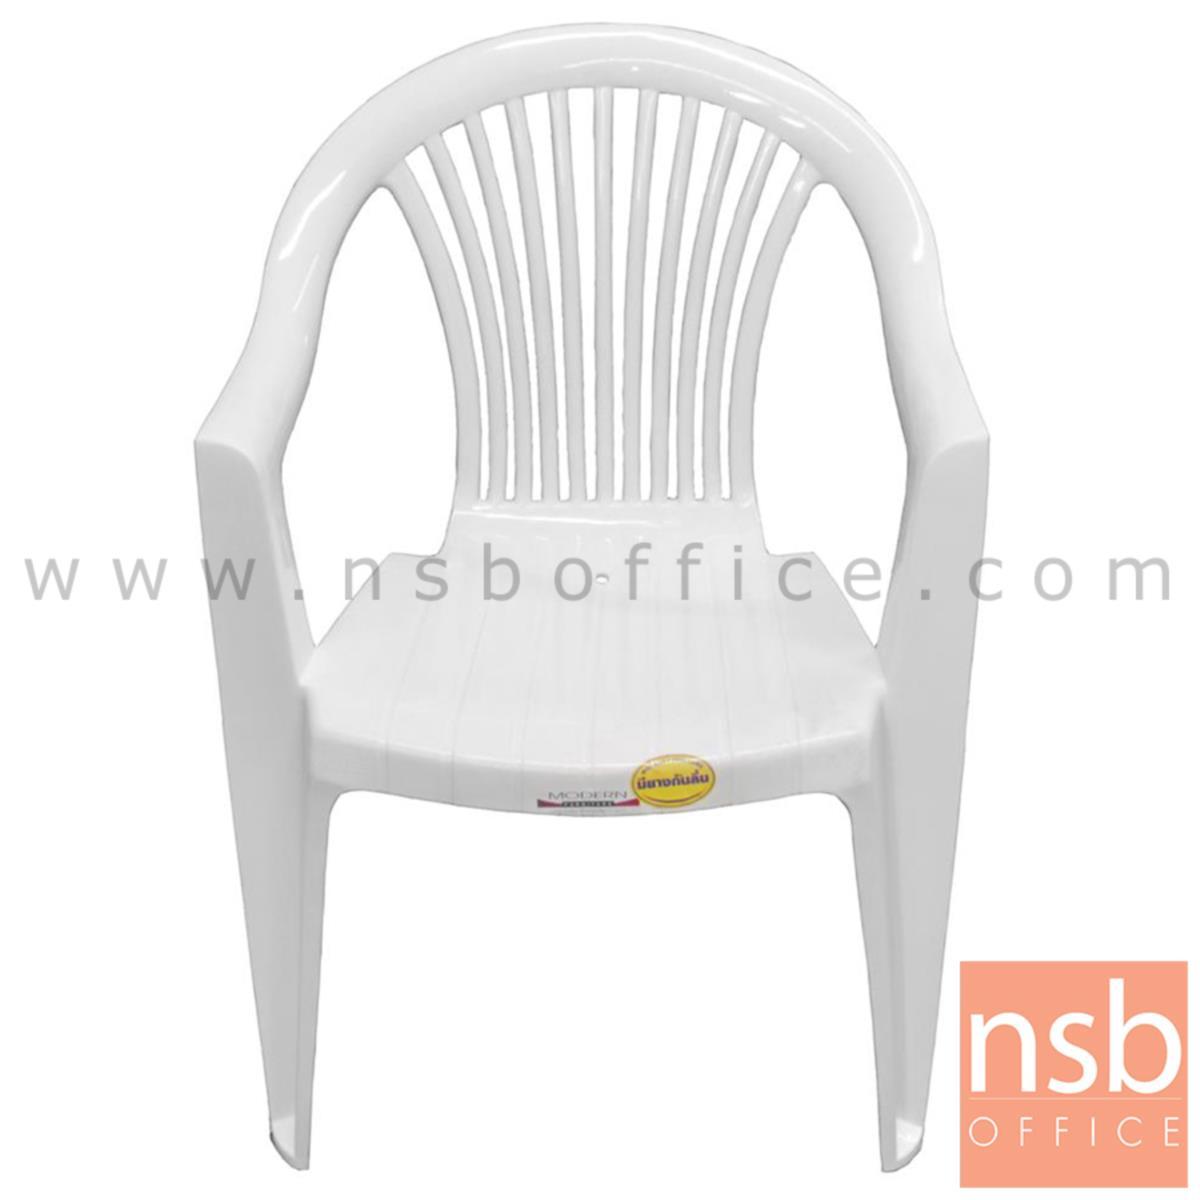 เก้าอี้พลาสติก รุ่น venus 4 (พลาสติกเกรด A)